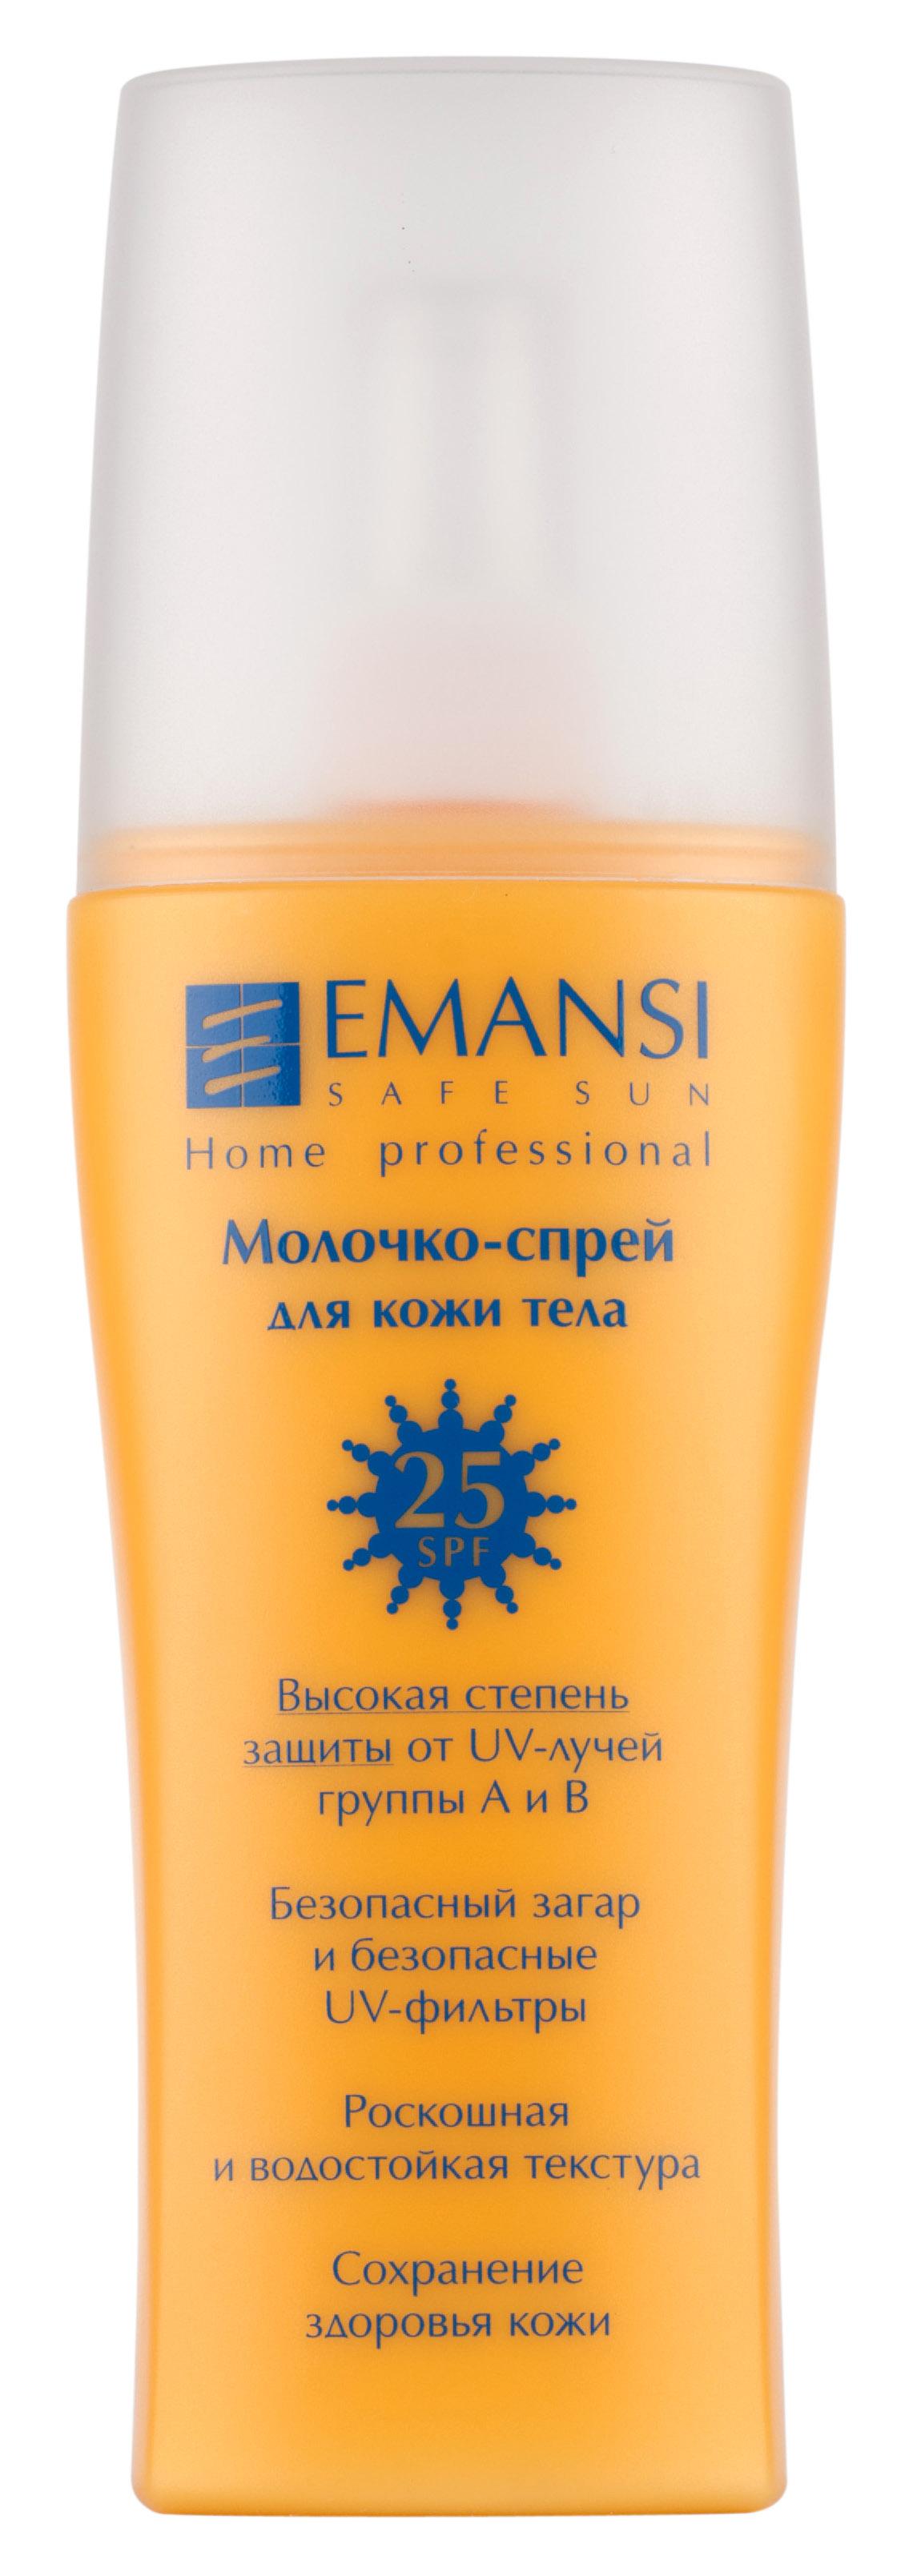 Emansi Молочко-спрей для кожи тела Safe sun SPF 25, 150 млFYFND4- Высокая степень защиты от UV-лучей группы А и В - Безопасный загар и безопасные UV-фильтры - Роскошная и водостойкая текстура - Сохранение здоровья кожи- Защищает от UV-лучей группы А и В благодаря включению безопасных UV-фильтров - Устойчиво к действию воды и пота - Подходит для любой, в том числе и чувствительной кожи